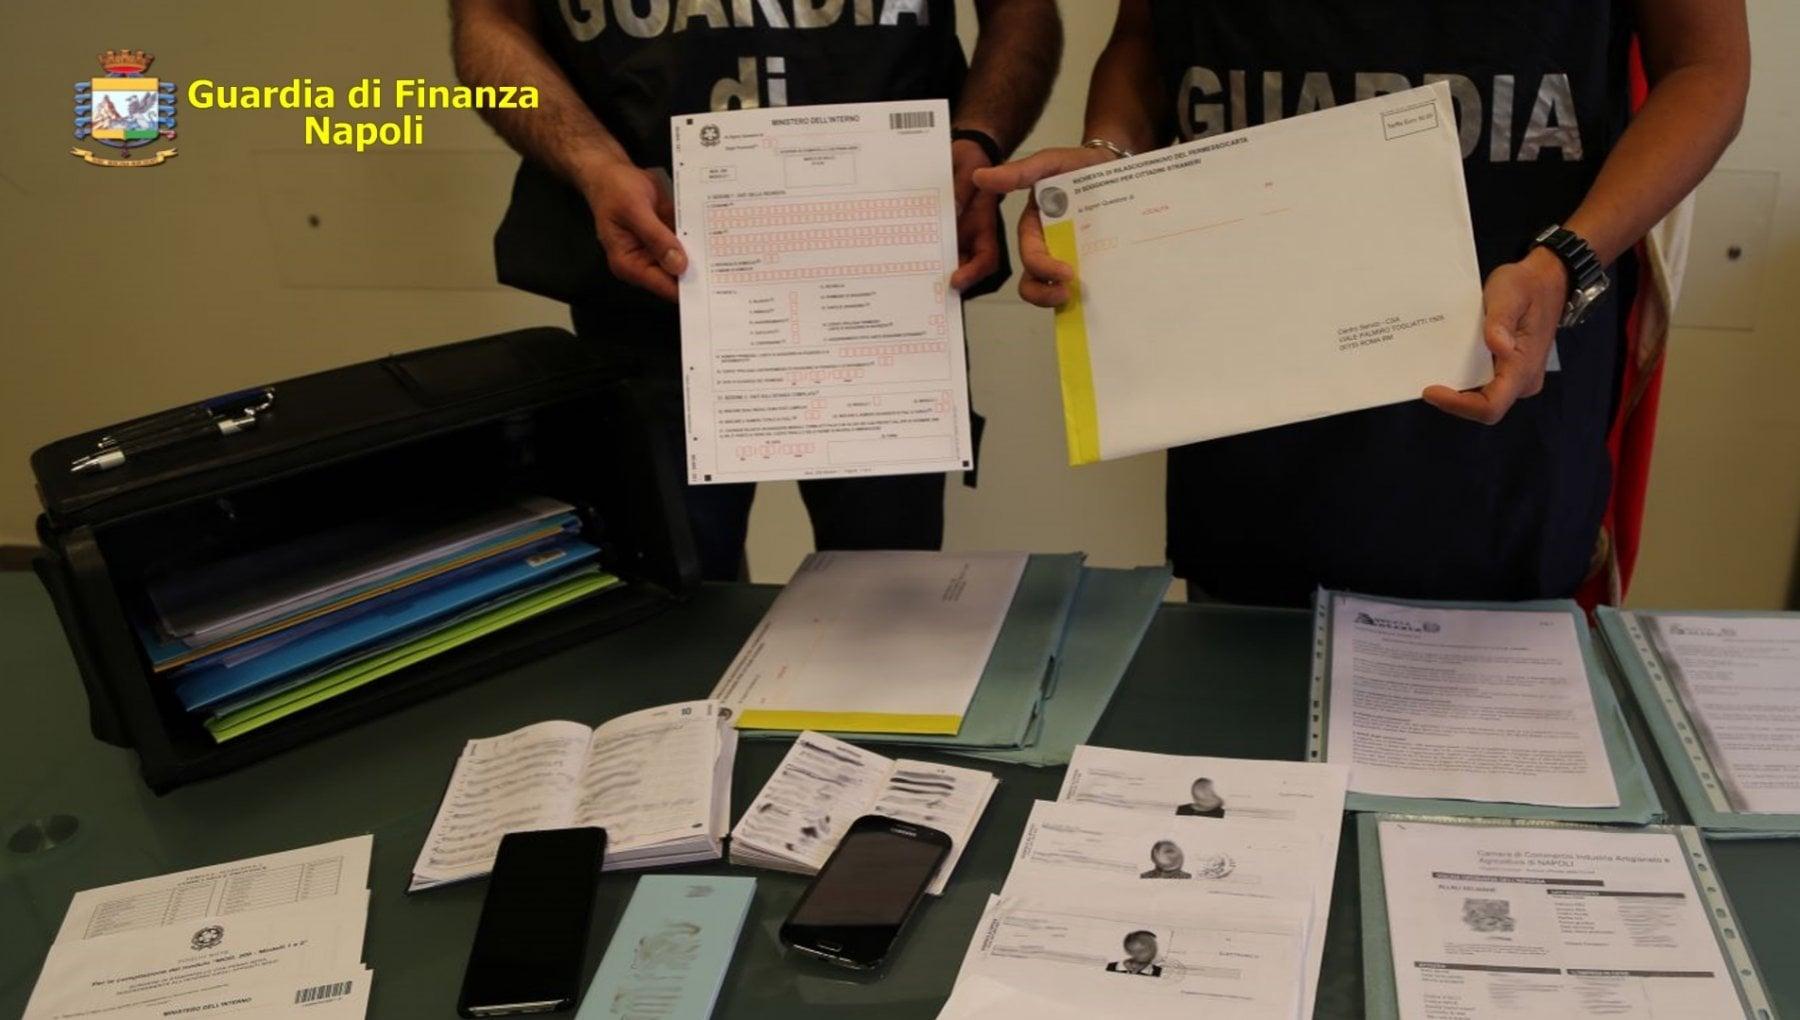 093442259 129ded13 75cc 4da6 ab2d 0269ca335925 - Napoli, antiterrorismo: arrestati 7 pakistani per ricettazione e contraffazione di documenti